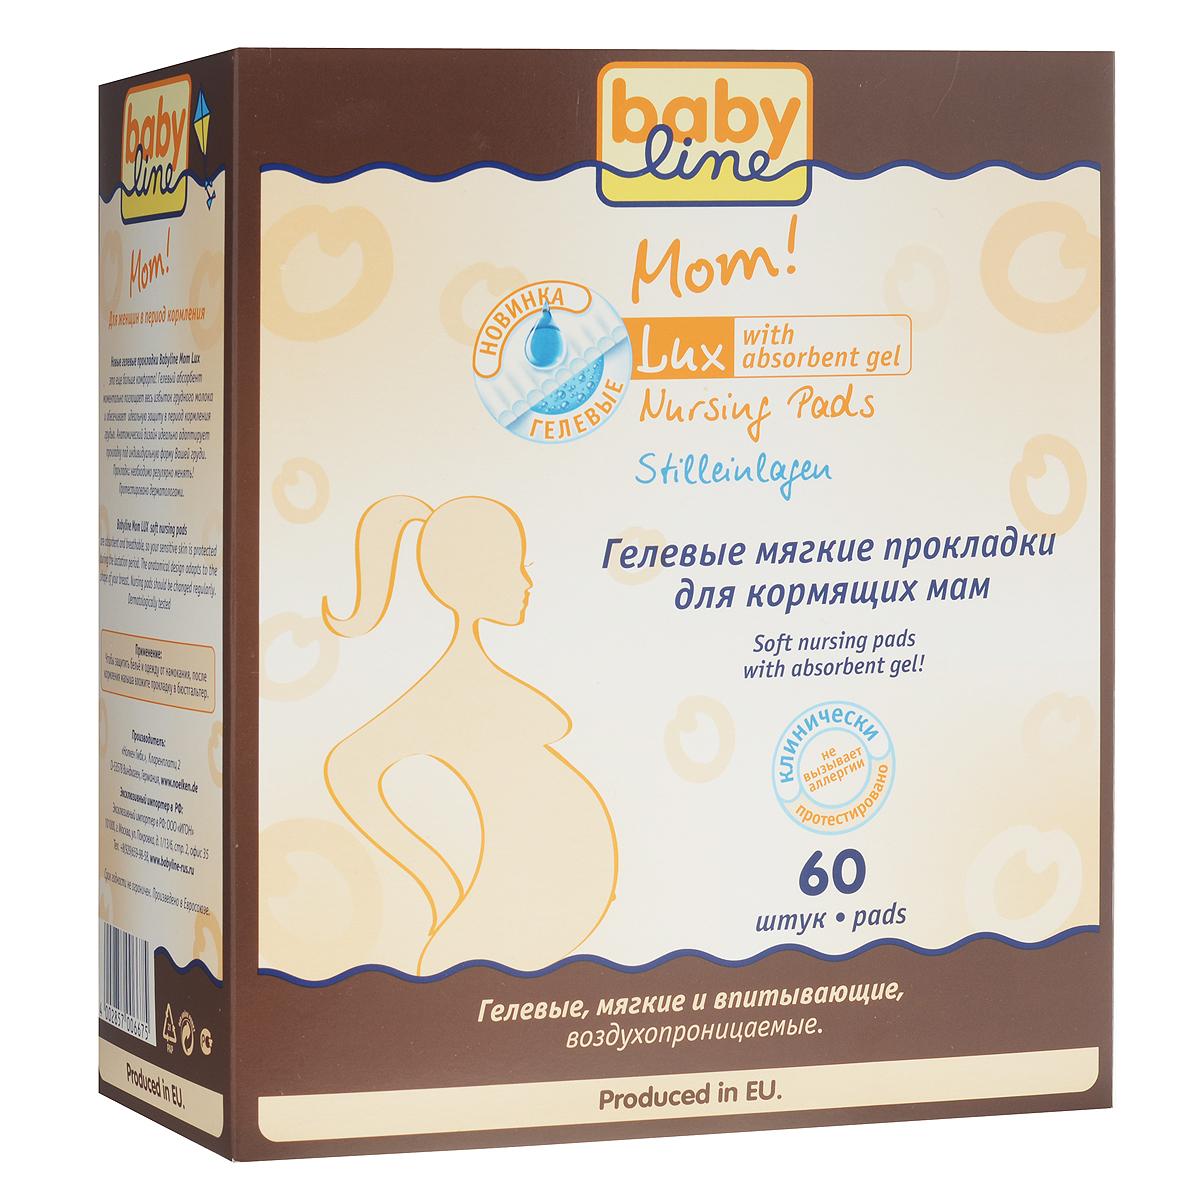 Гелевые прокладки для груди BabyLine, 60 штDN56В период грудного вскармливания, особенно в его начальной и самой чувствительной фазе, раздражение и трещины груди требуют особого ухода и гигиены, поскольку они могут сделать кормление грудью болезненным и затруднительным. Антибактериальные прокладки для защиты груди BabyLine обеспечивают великолепную защиту в деликатный период грудного вскармливания. Специальный антибактериальный материал препятствует размножению бактерий в чашечке и обеспечивает механическую защиту груди. Супервпитывающие микрочастицы задерживают жидкость и предотвращают ее выход на поверхность, сохраняя кожу сухой. Внешний дышащий слой позволяет соску и коже дышать и предохраняет от раздражений. Являясь супертонкой, прокладка абсолютно незаметна под одеждой. Благодаря практичной клейкой полоске и анатомической форме прокладка надежно фиксируется к бюстгальтеру.